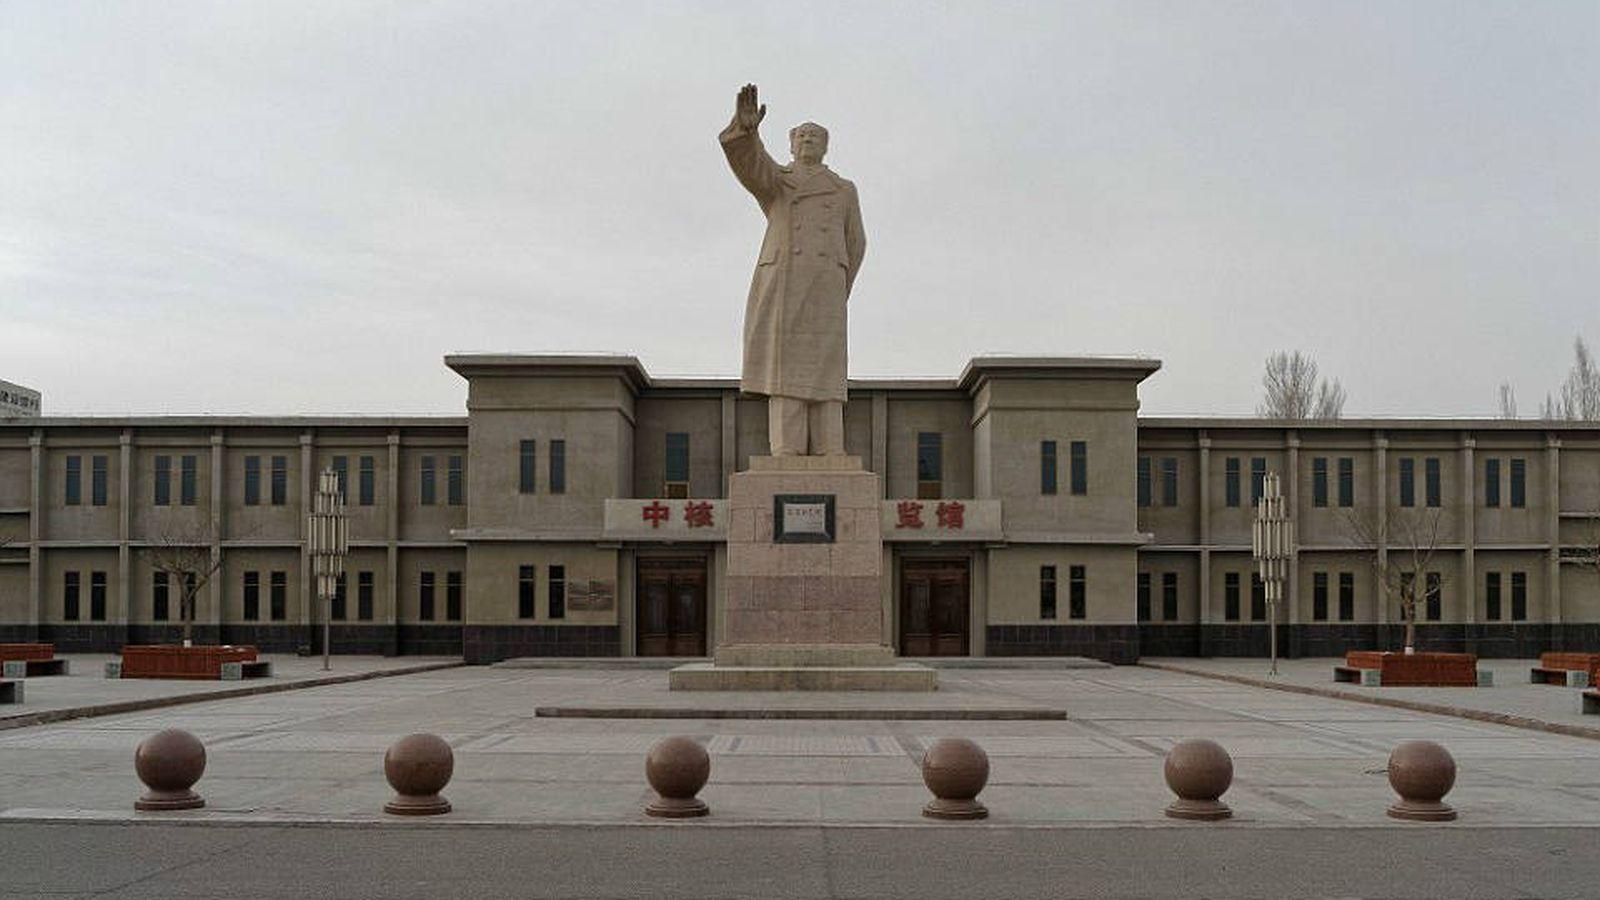 Foto: Estatua de Mao en la plaza central de la Ciudad 404 (Li Yang)